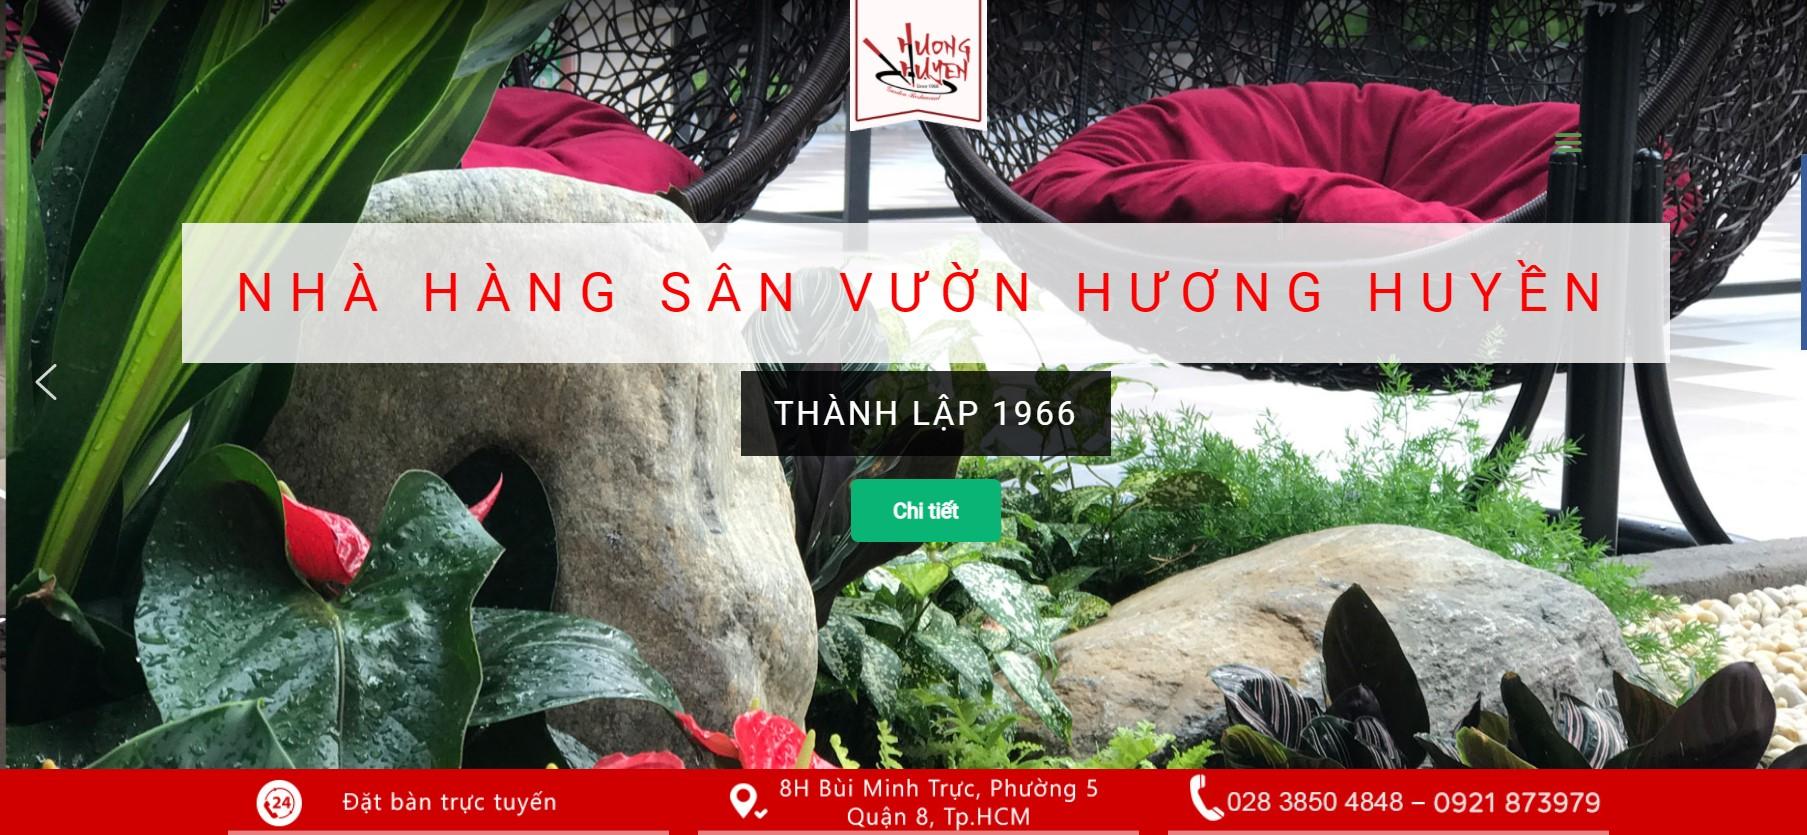 Nhà hàng sân vườn Hương Huyền